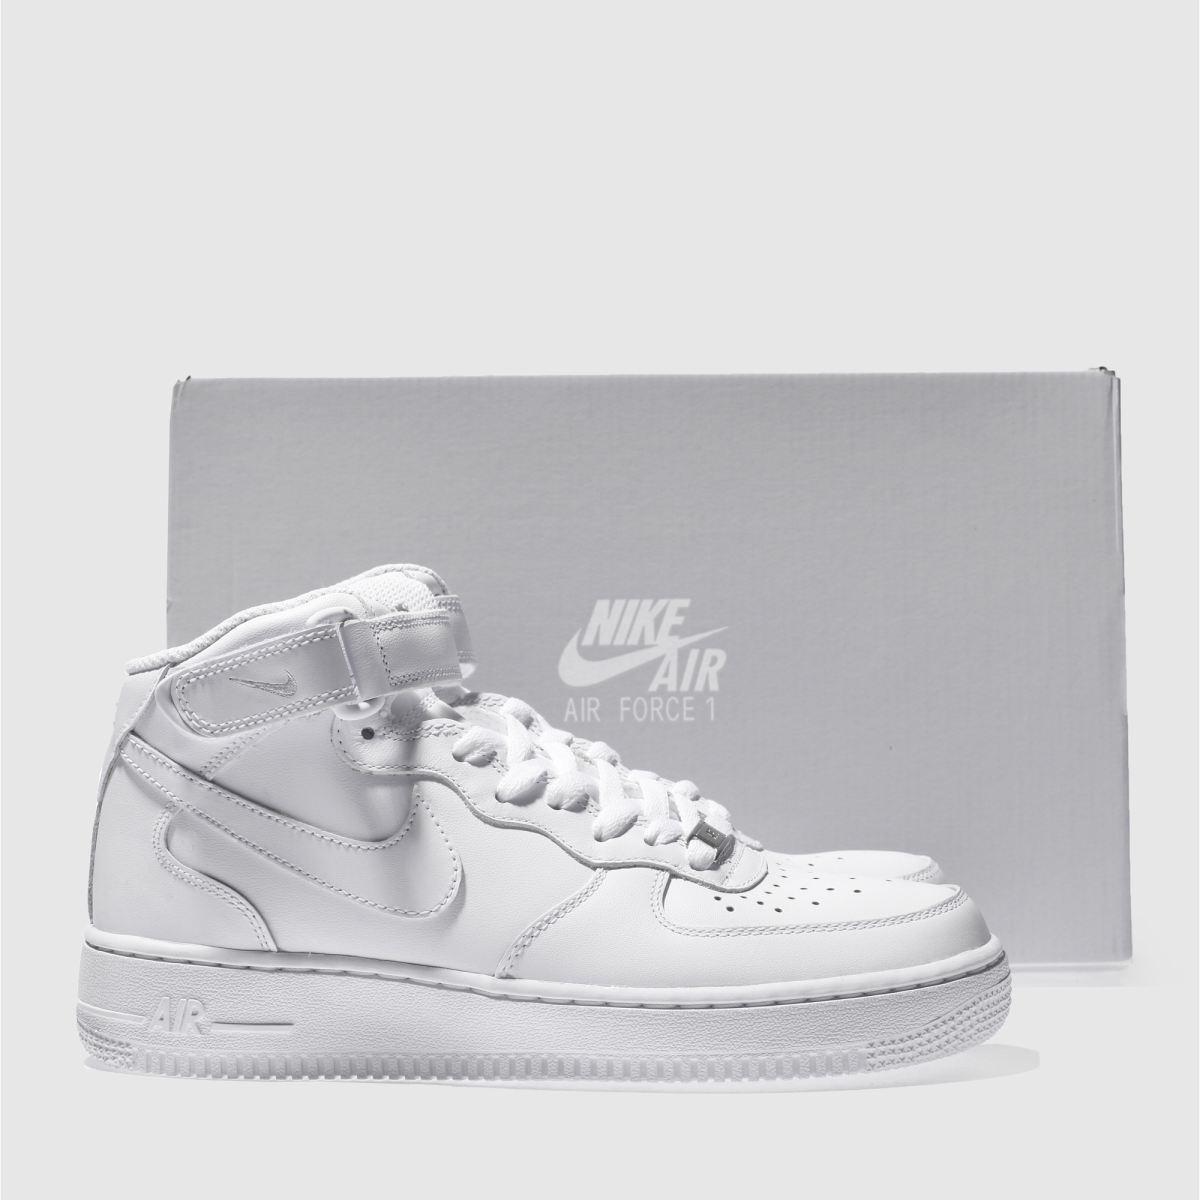 Damen Weiß nike Air Force 1 1 1 Mid Sneaker   schuh Gute Qualität beliebte Schuhe 426491